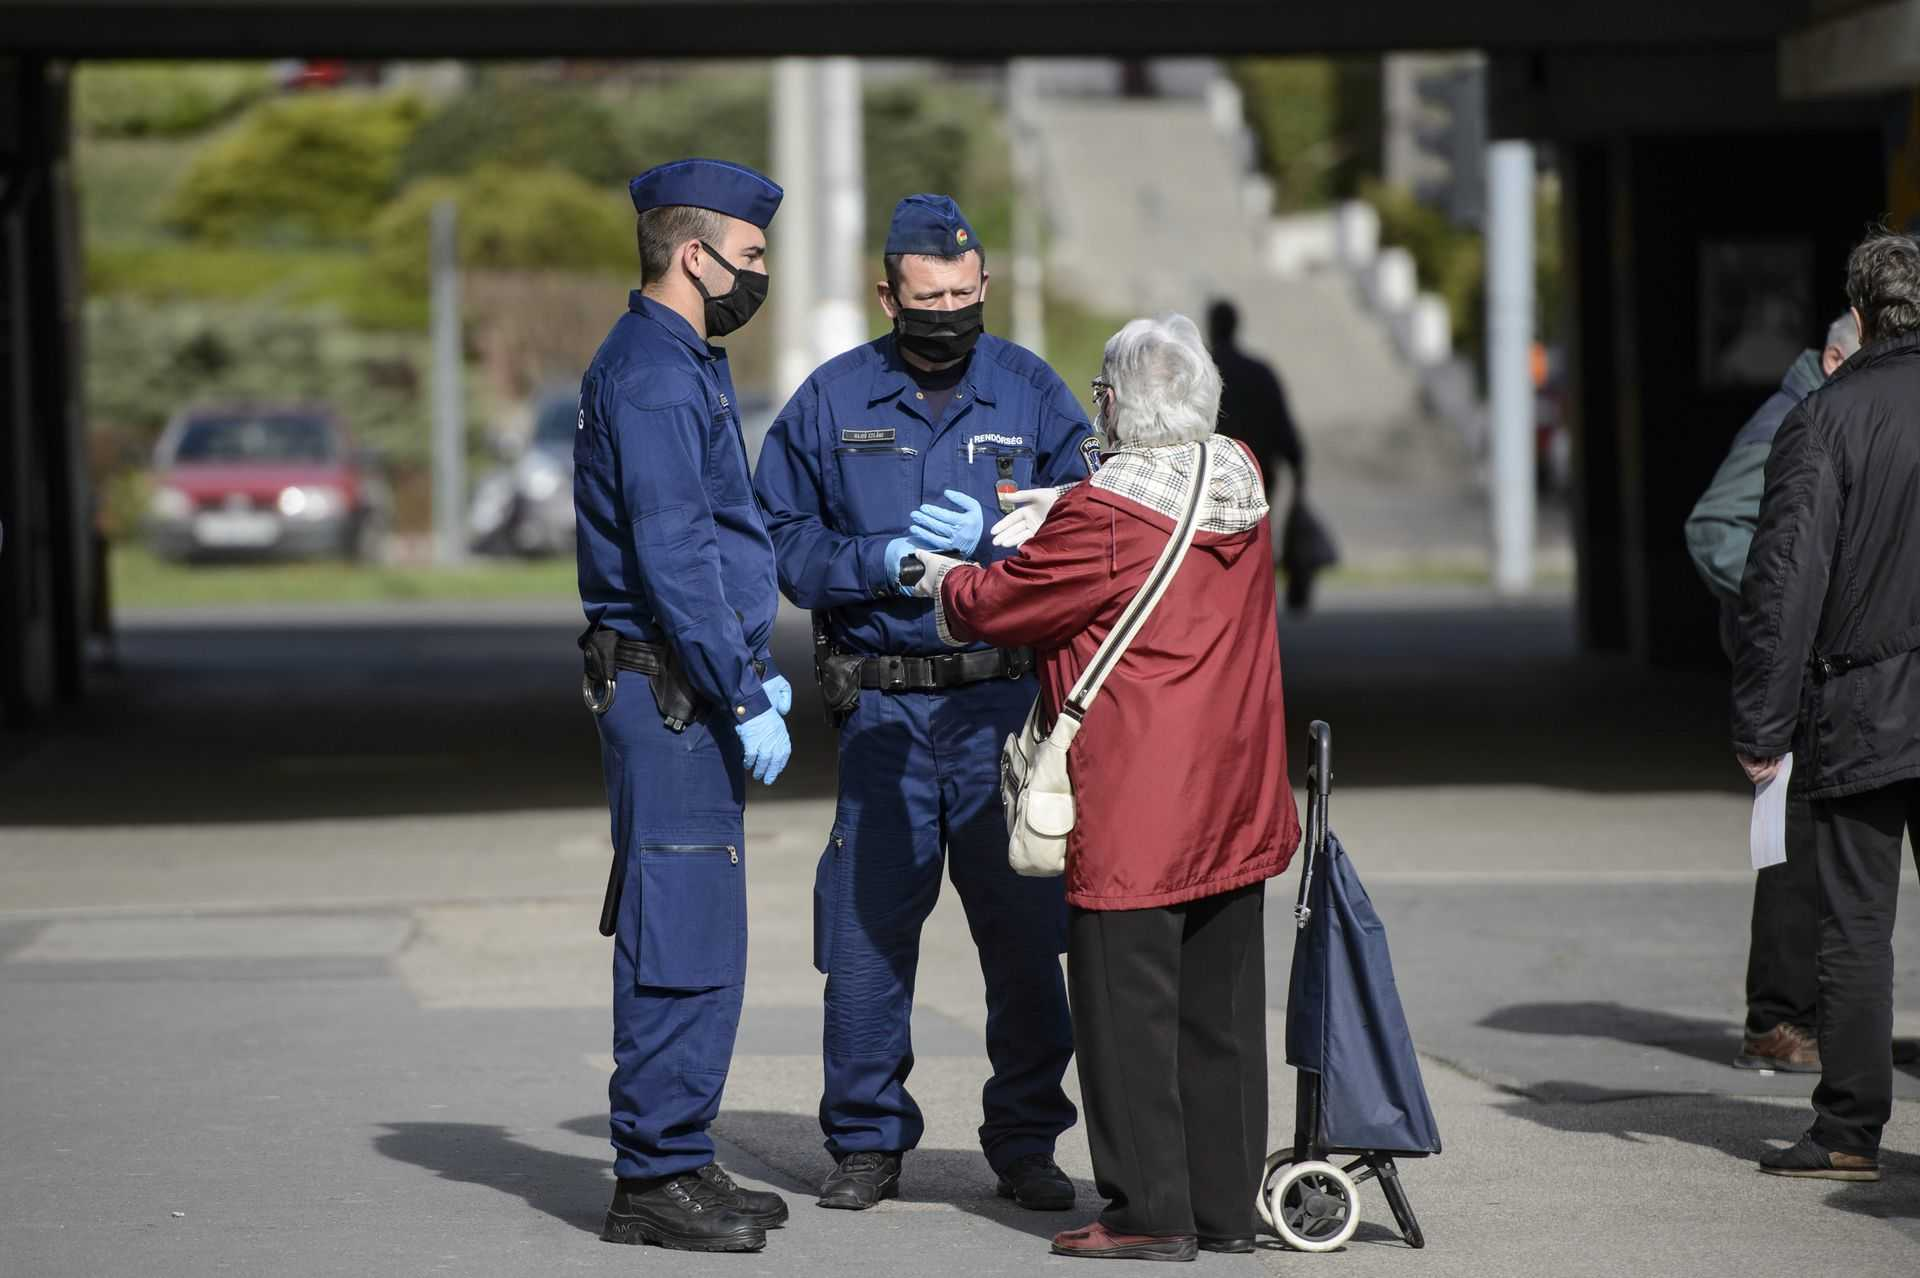 Koronavírus - Kijárási korlátozás - Rendőrök Salgótarjánban